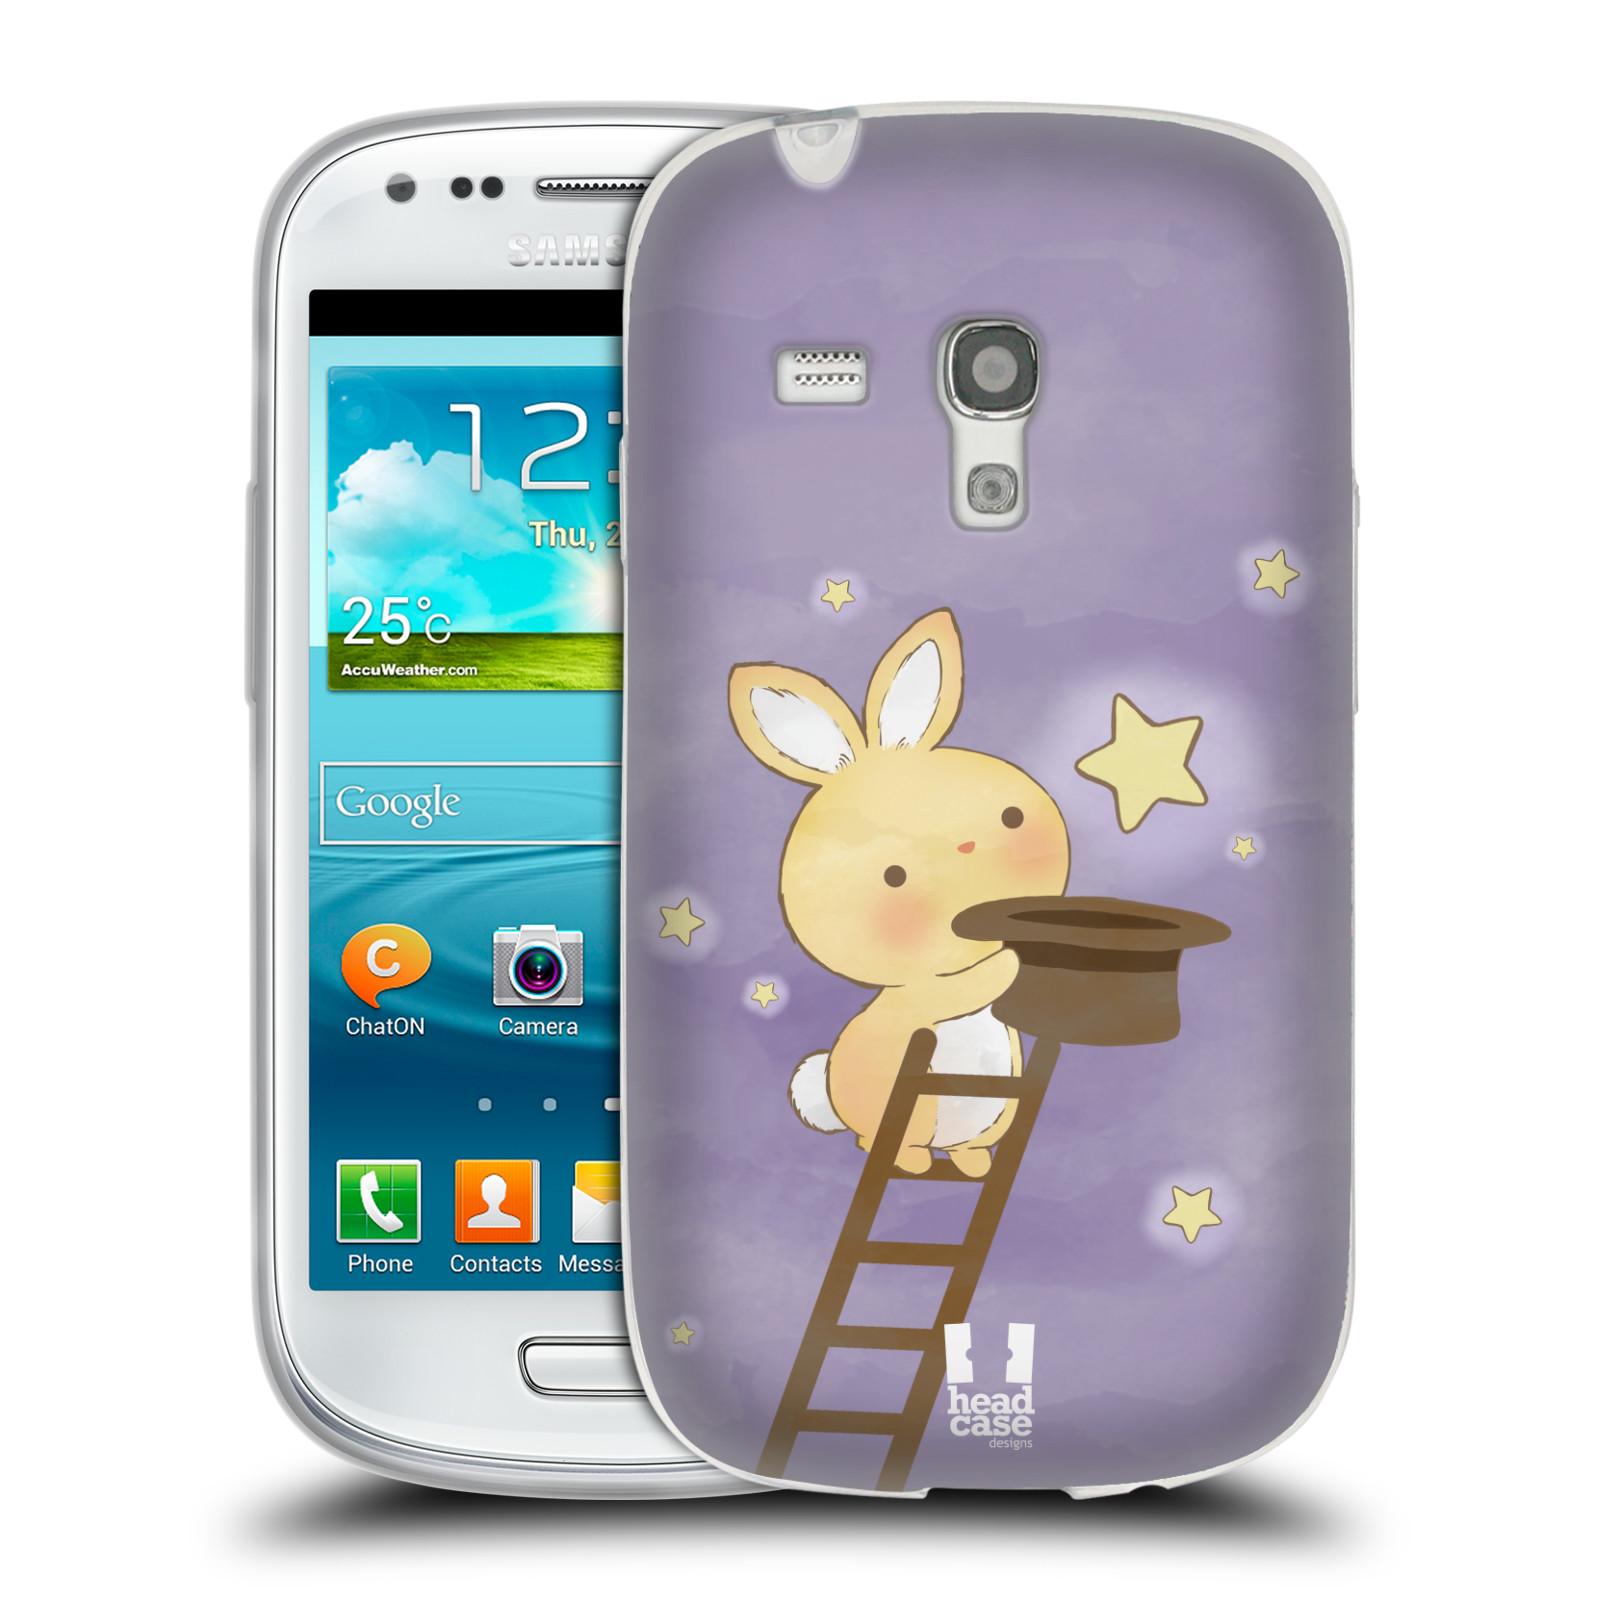 HEAD CASE silikonový obal na mobil Samsung Galaxy S3 MINI i8190 vzor králíček a hvězdy fialová